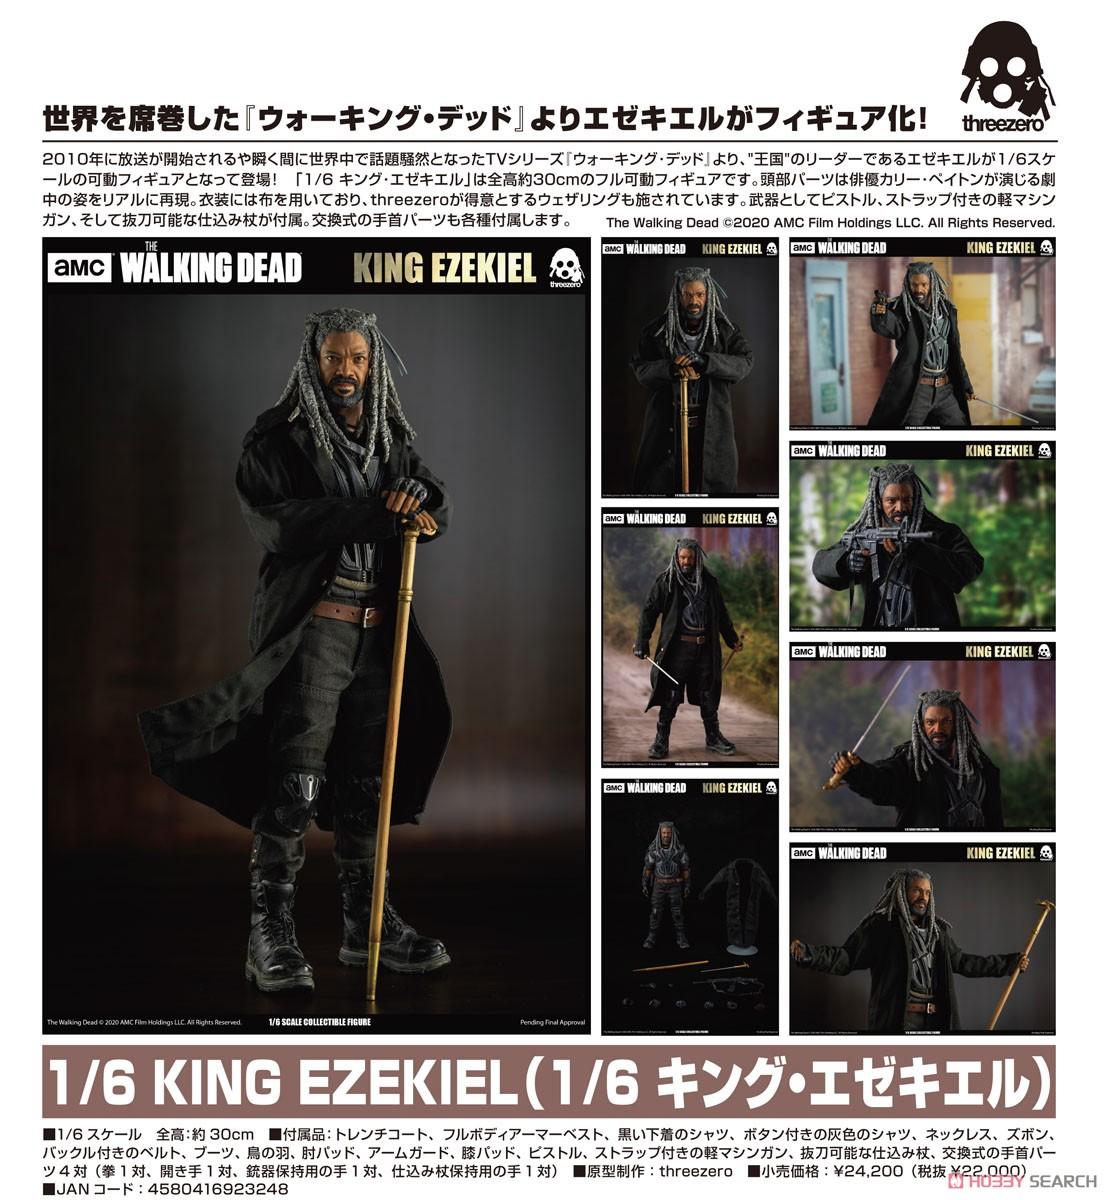 THE WALKING DEAD『KING EZEKIEL(キング・エゼキエル)』ウォーキング・デッド 可動フィギュア-017